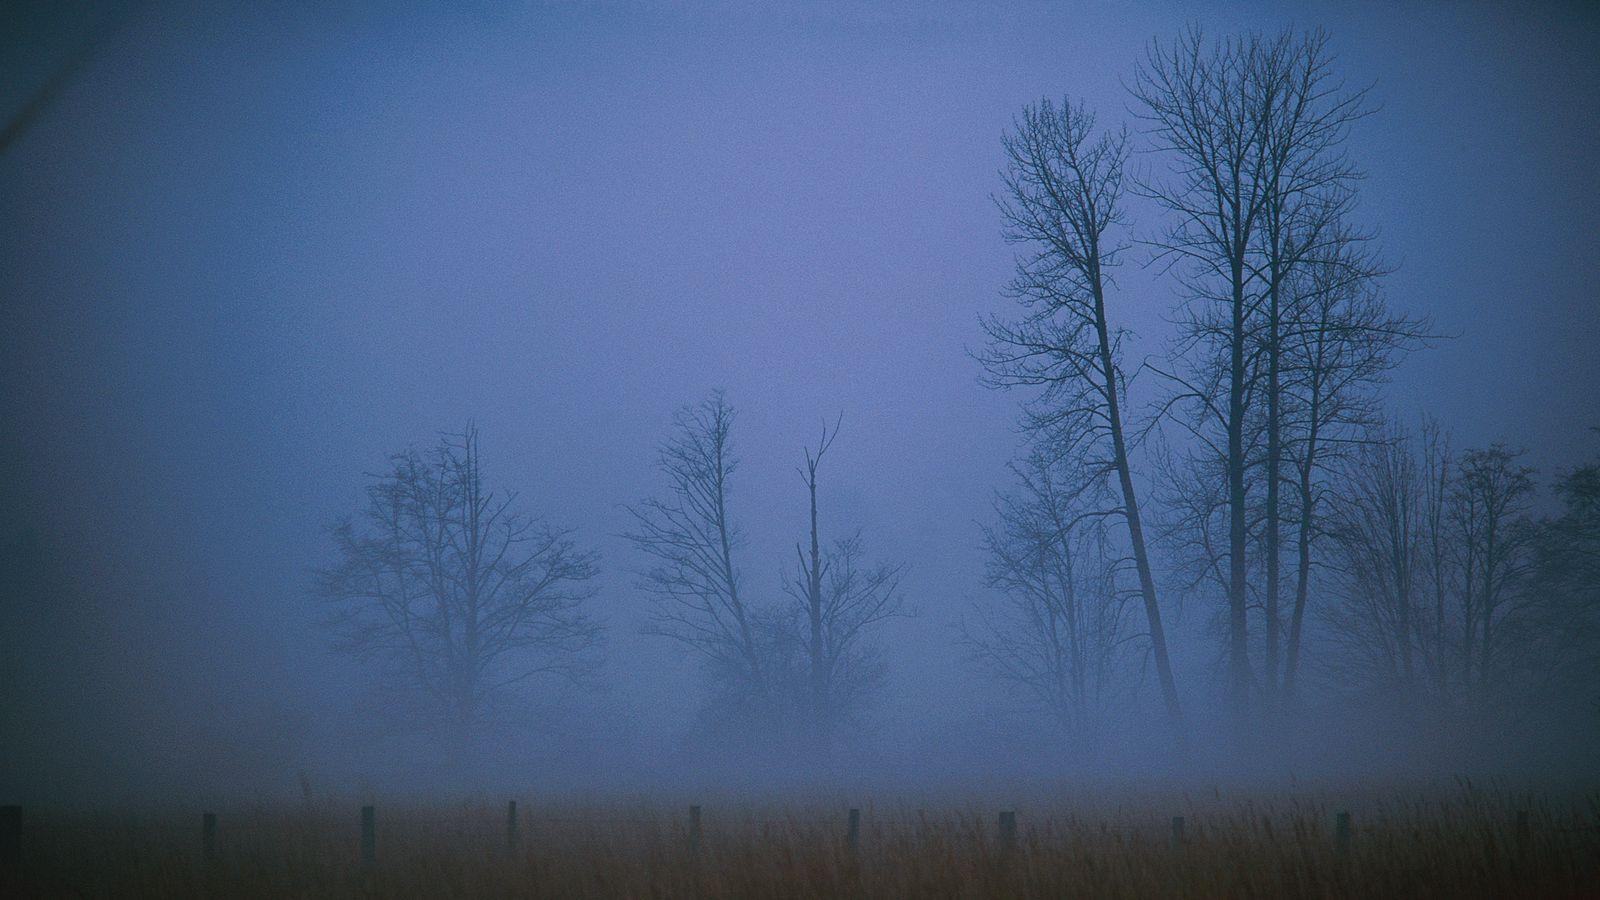 1600x900 Wallpaper fog, haze, veil, trees, field, evening